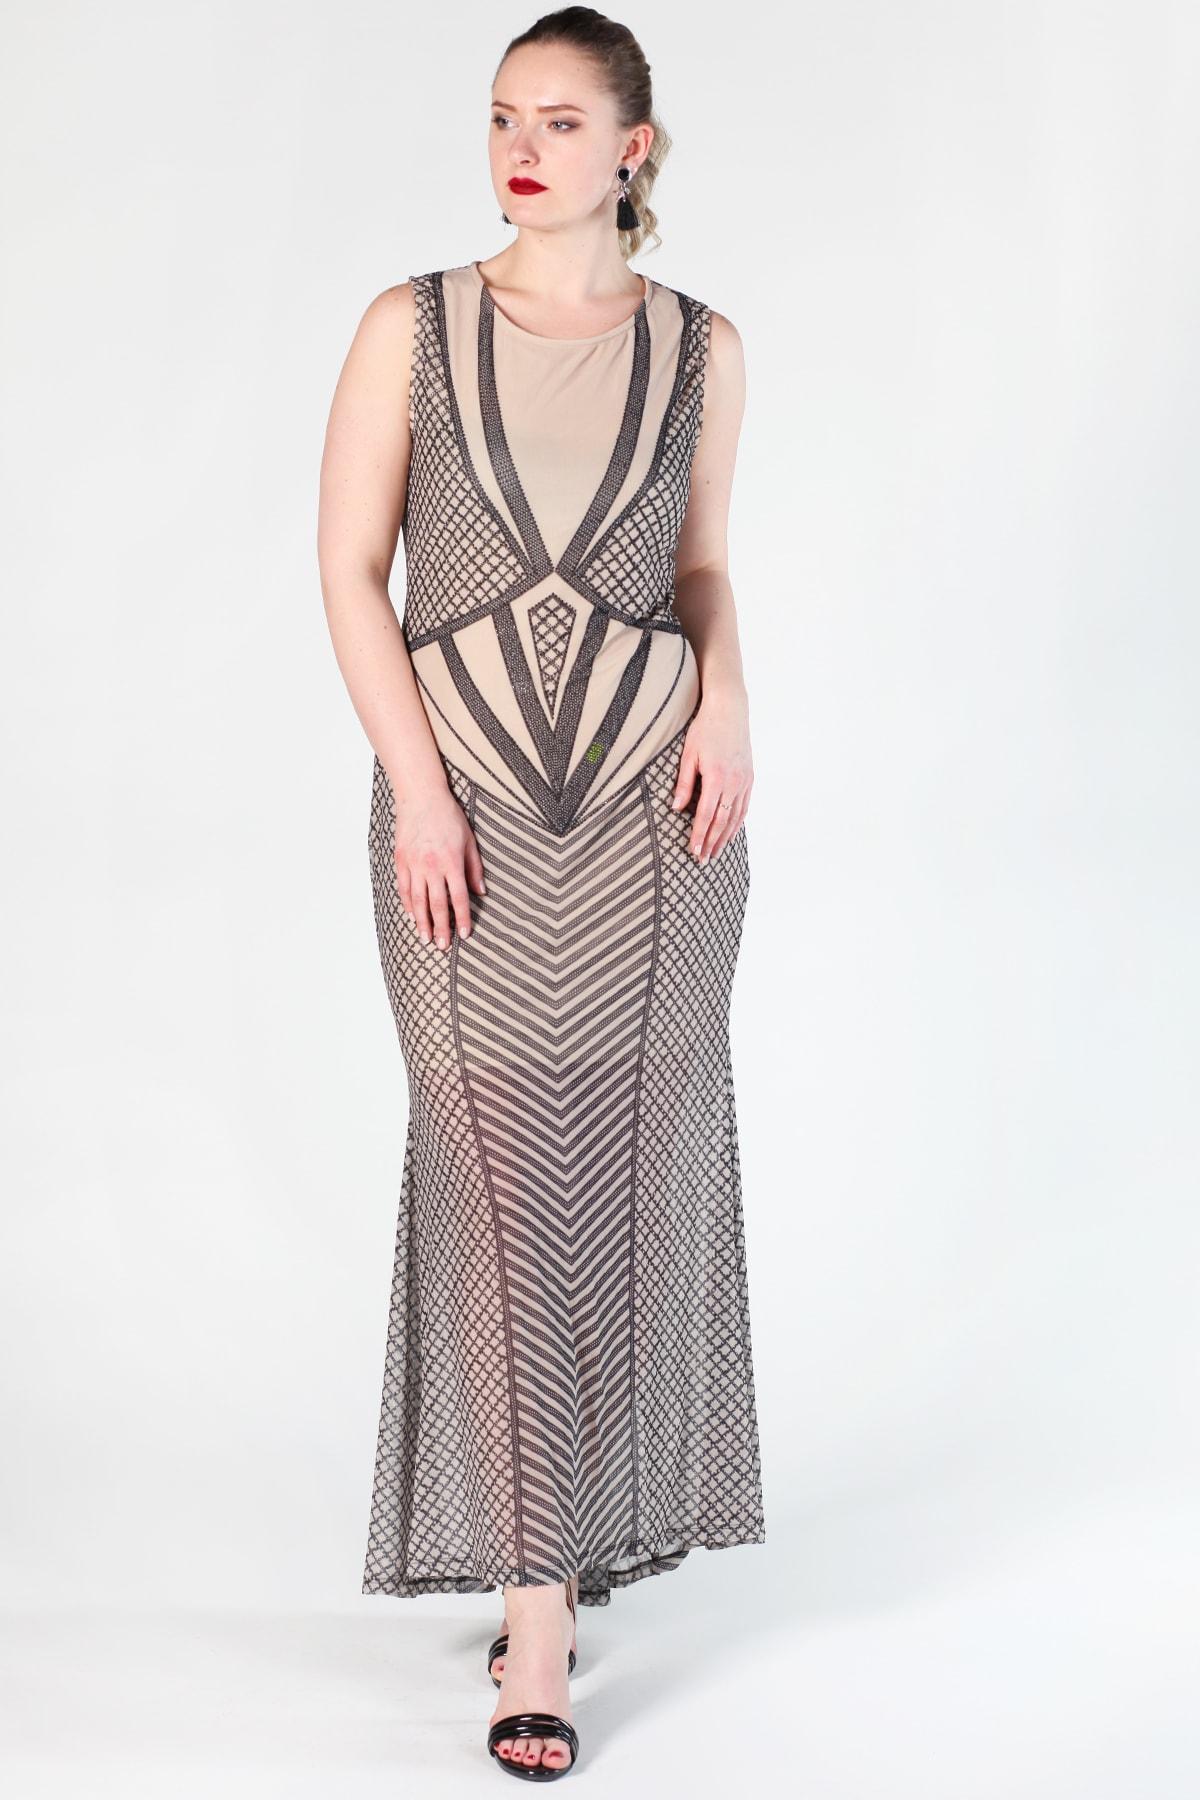 Şans Kadın Bej Taş İşlemeli Şifon Abiye Elbise 26A10577Bej